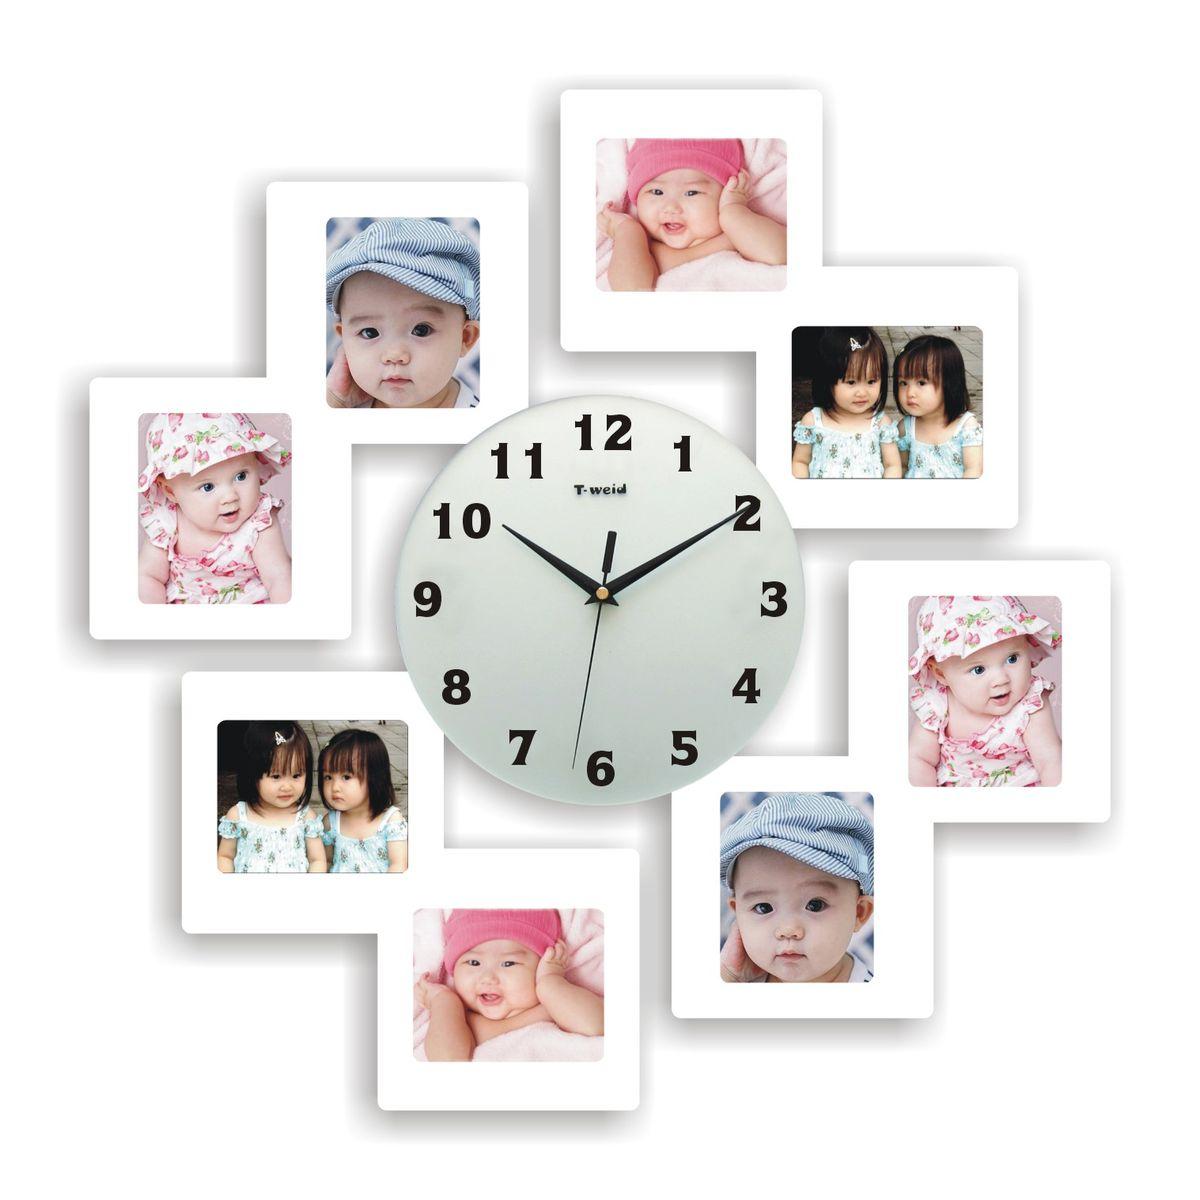 Часы настенные T-Weid, с фоторамками, цвет: белый, 55 х 55 х 5 смM 8182 B WhiteНастенные кварцевые часы с фоторамками - это прекрасный предмет декора, а также универсальный подарок практически по любому поводу. Корпус часов, выполнен из дерева с белым матовым покрытием и оформлен восемью фоторамками.Циферблат часов оснащен тремя фигурными стрелками: часовой, минутной и секундной. Цифры и метки нанесены черной краской на стекле циферблата. На задней стенке часов расположена металлическая петелька для подвешивания и блок с часовым механизмом. Часы с фоторамками прекрасно впишутся в любой интерьер. В зависимости оттого, что вы поместите в рамки, будет меняться и стиль часов. Тип механизма: плавающий, бесшумный. Рекомендуется докупить батарейку типа АА (не входит в комплект). Для 8 фото 11 х 9 см.